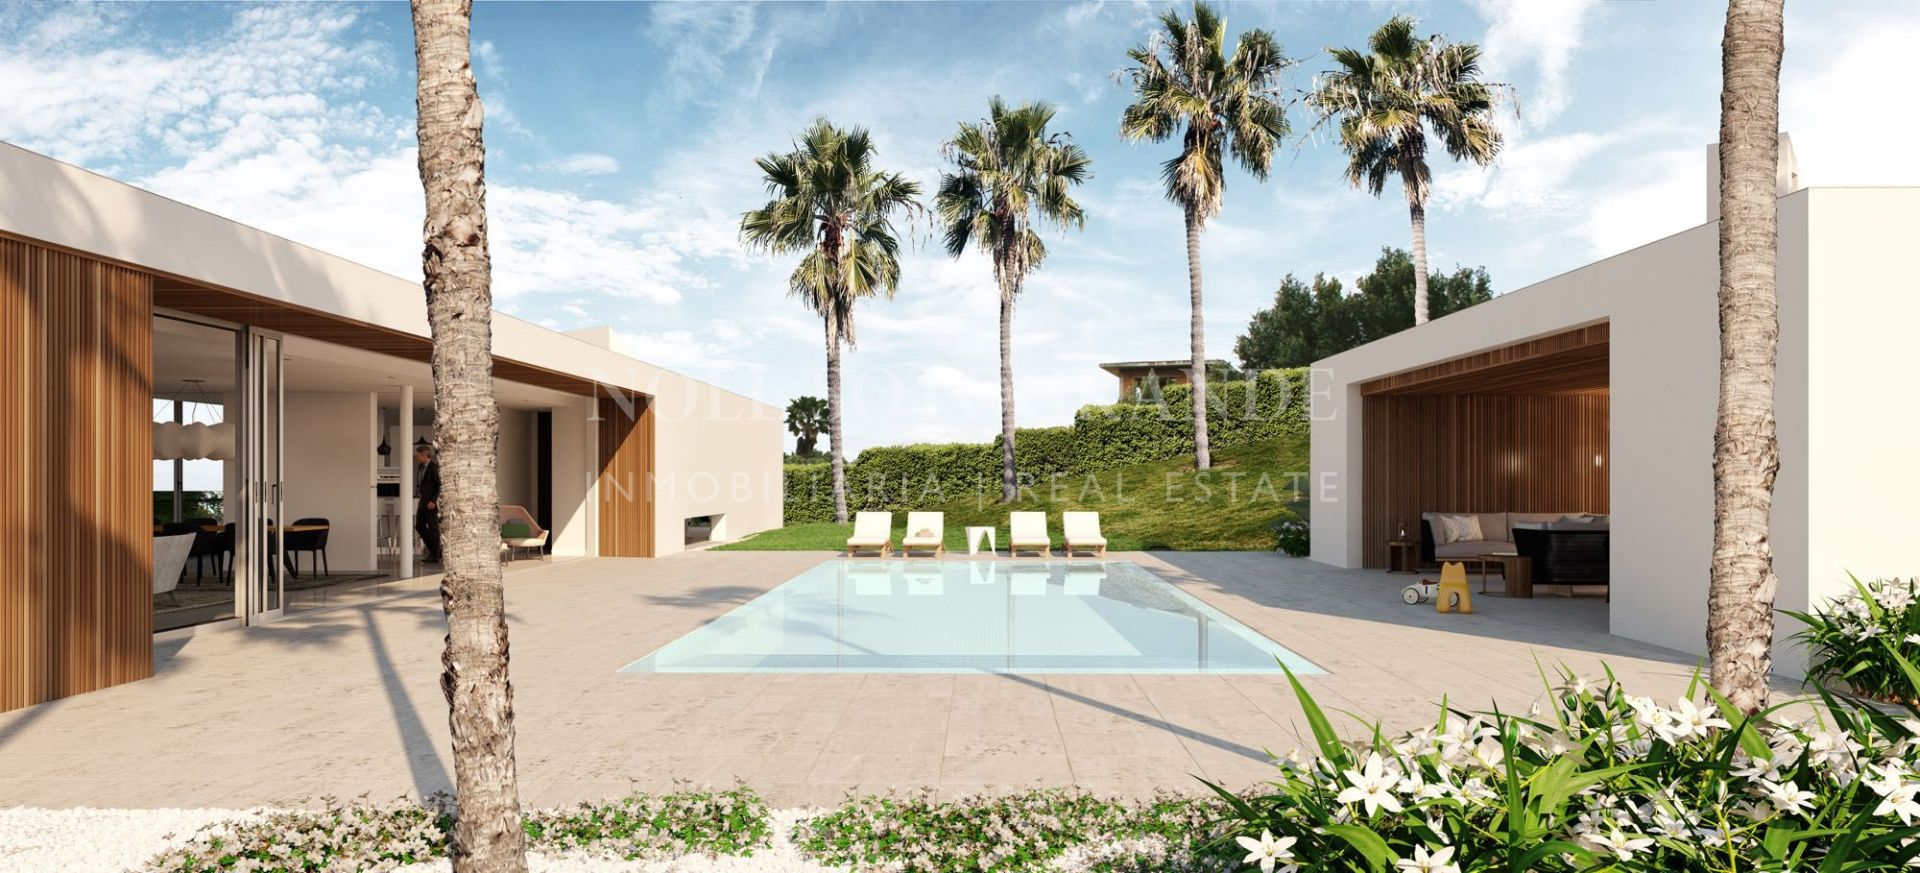 Off-plan Villa for sale La Reserva Sotogrande